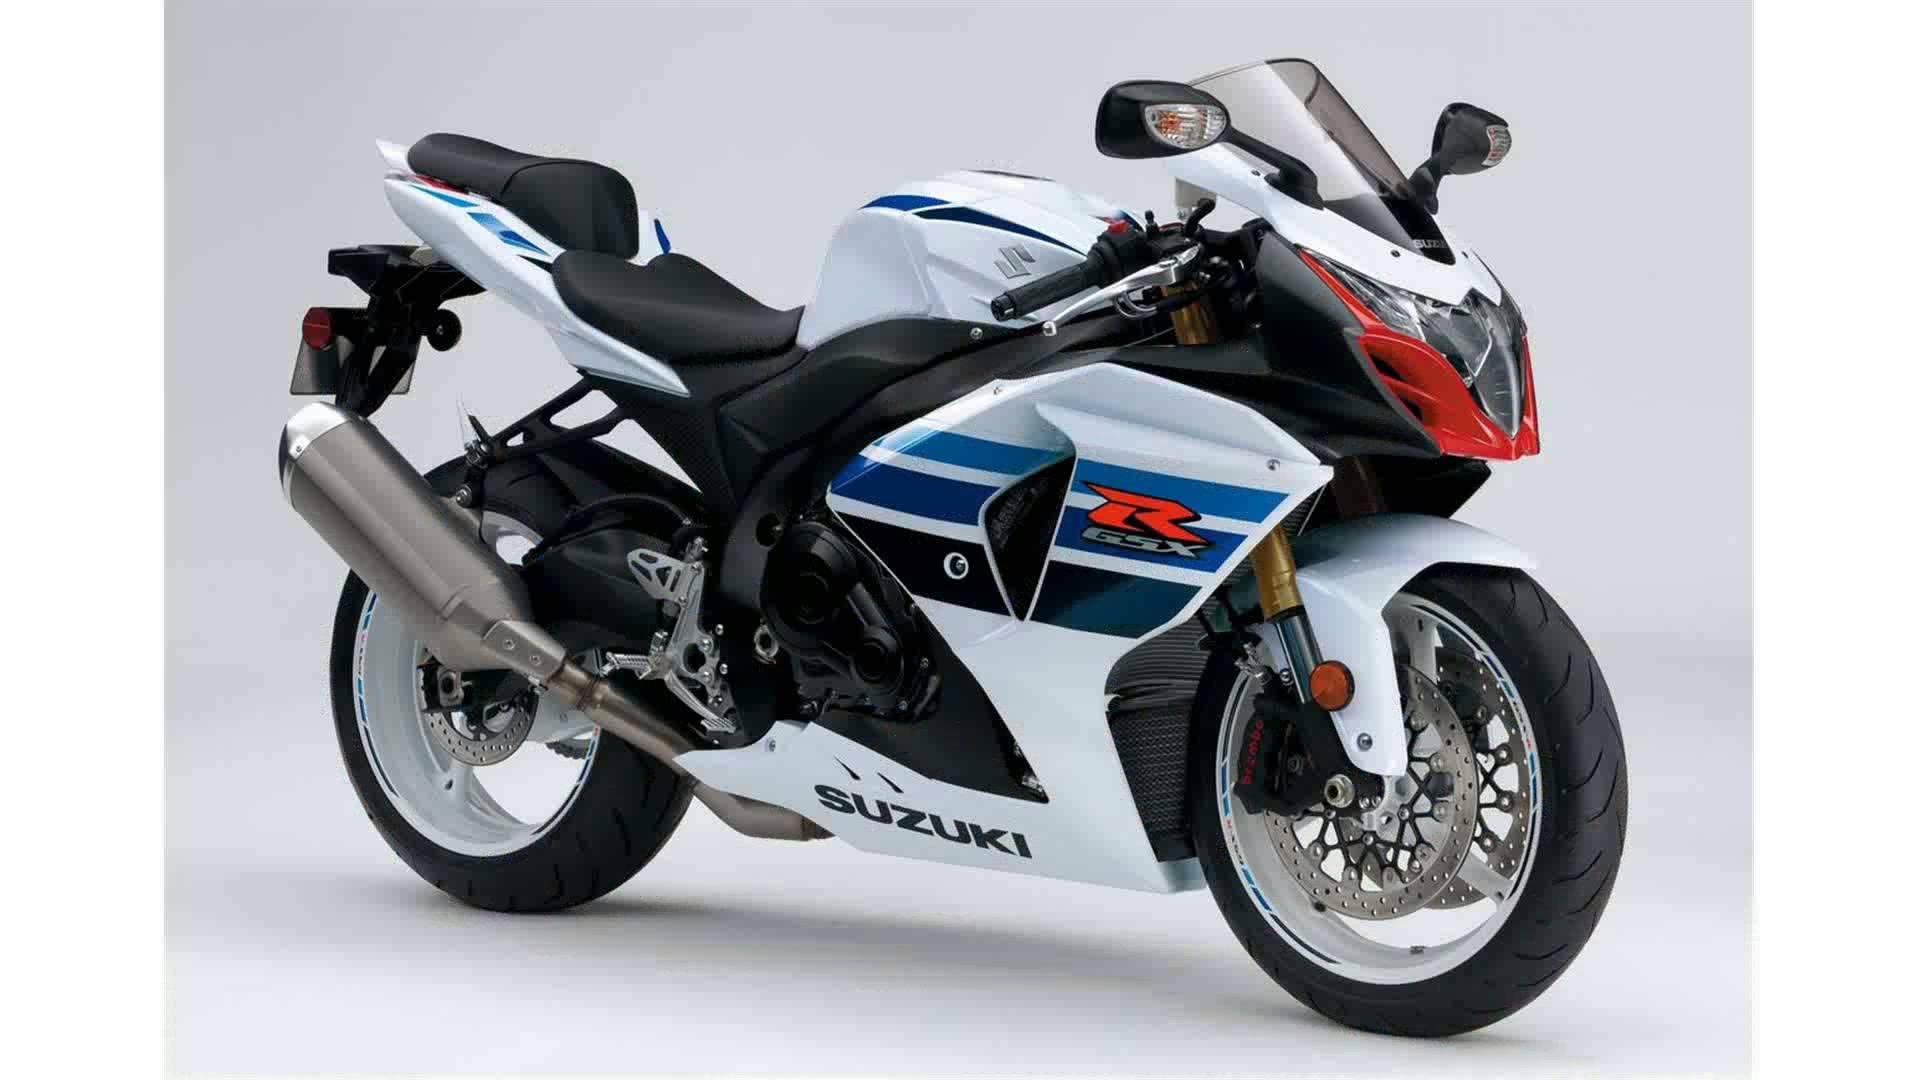 2014 Suzuki Gsxr 1000 Prices.html | Autos Post